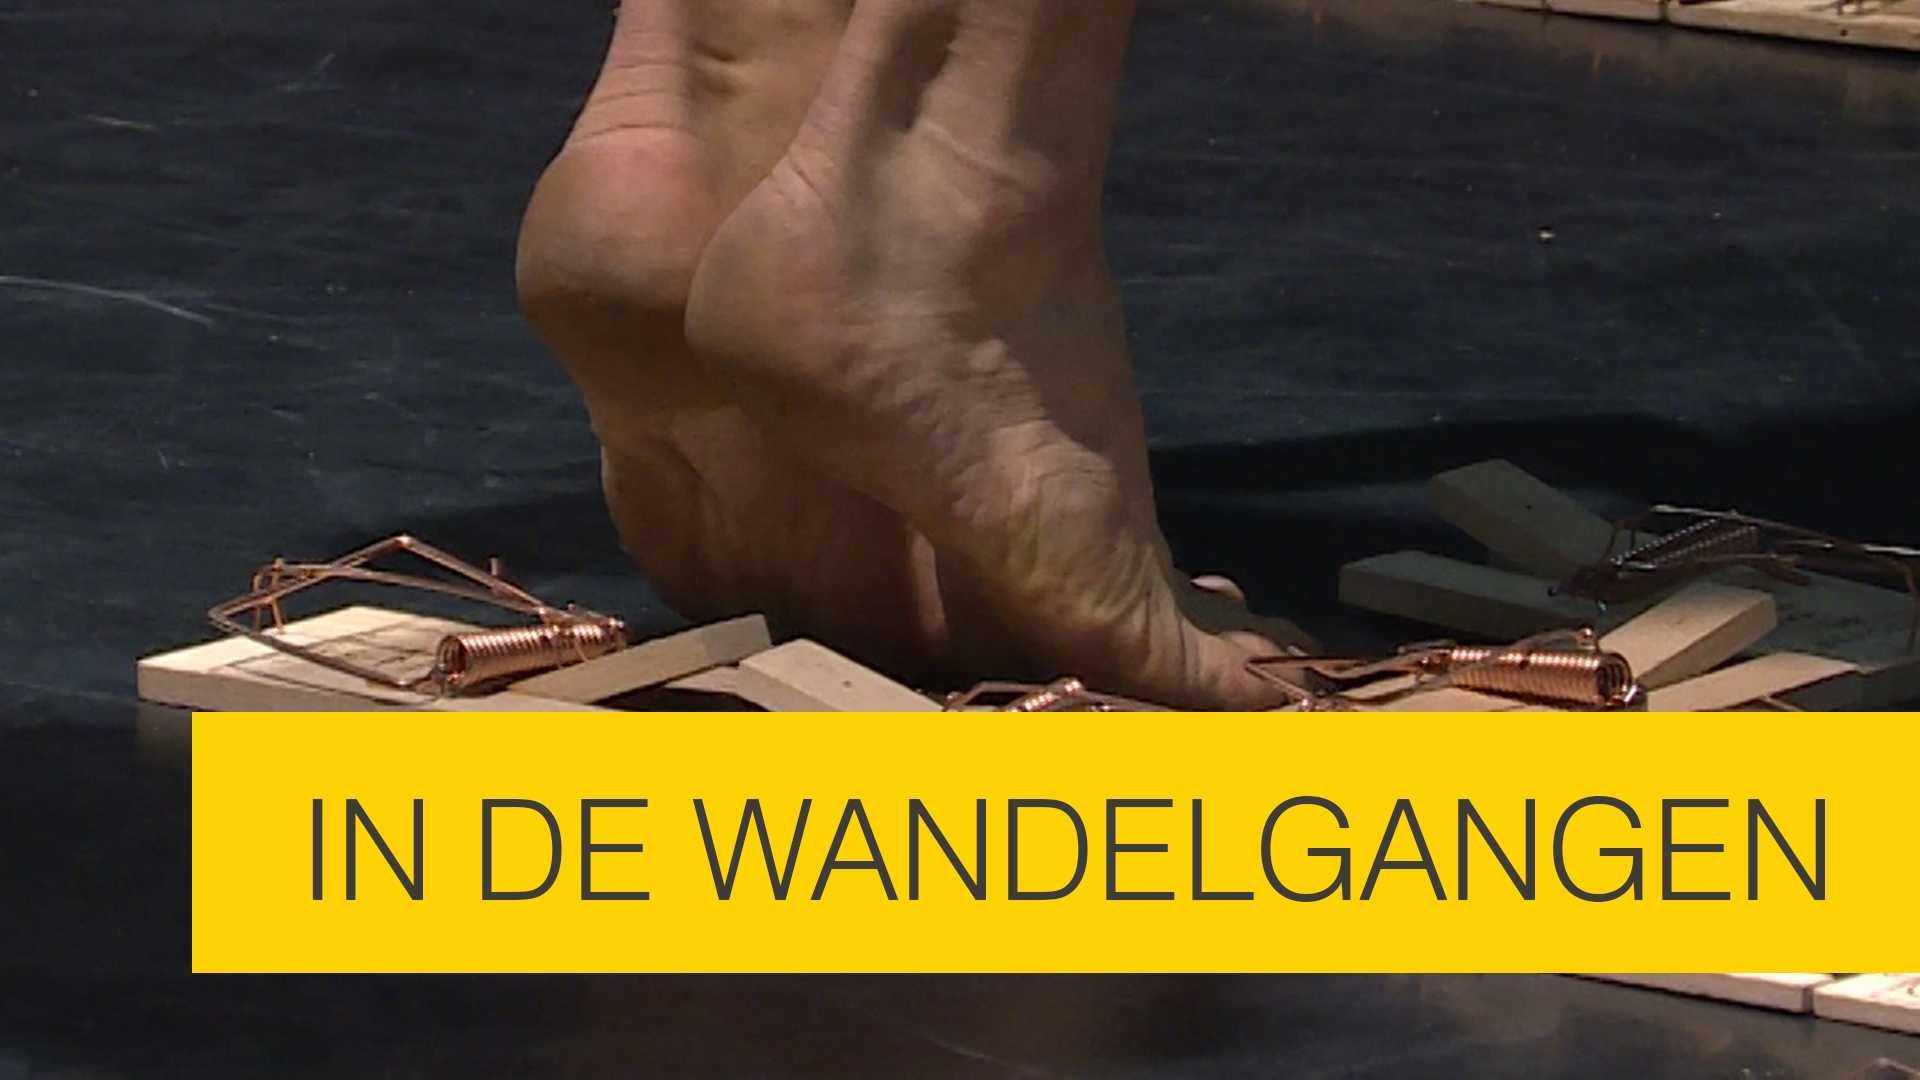 In de wandelgangen: Werkbezoek aan het Circuscentrum Vlaanderen